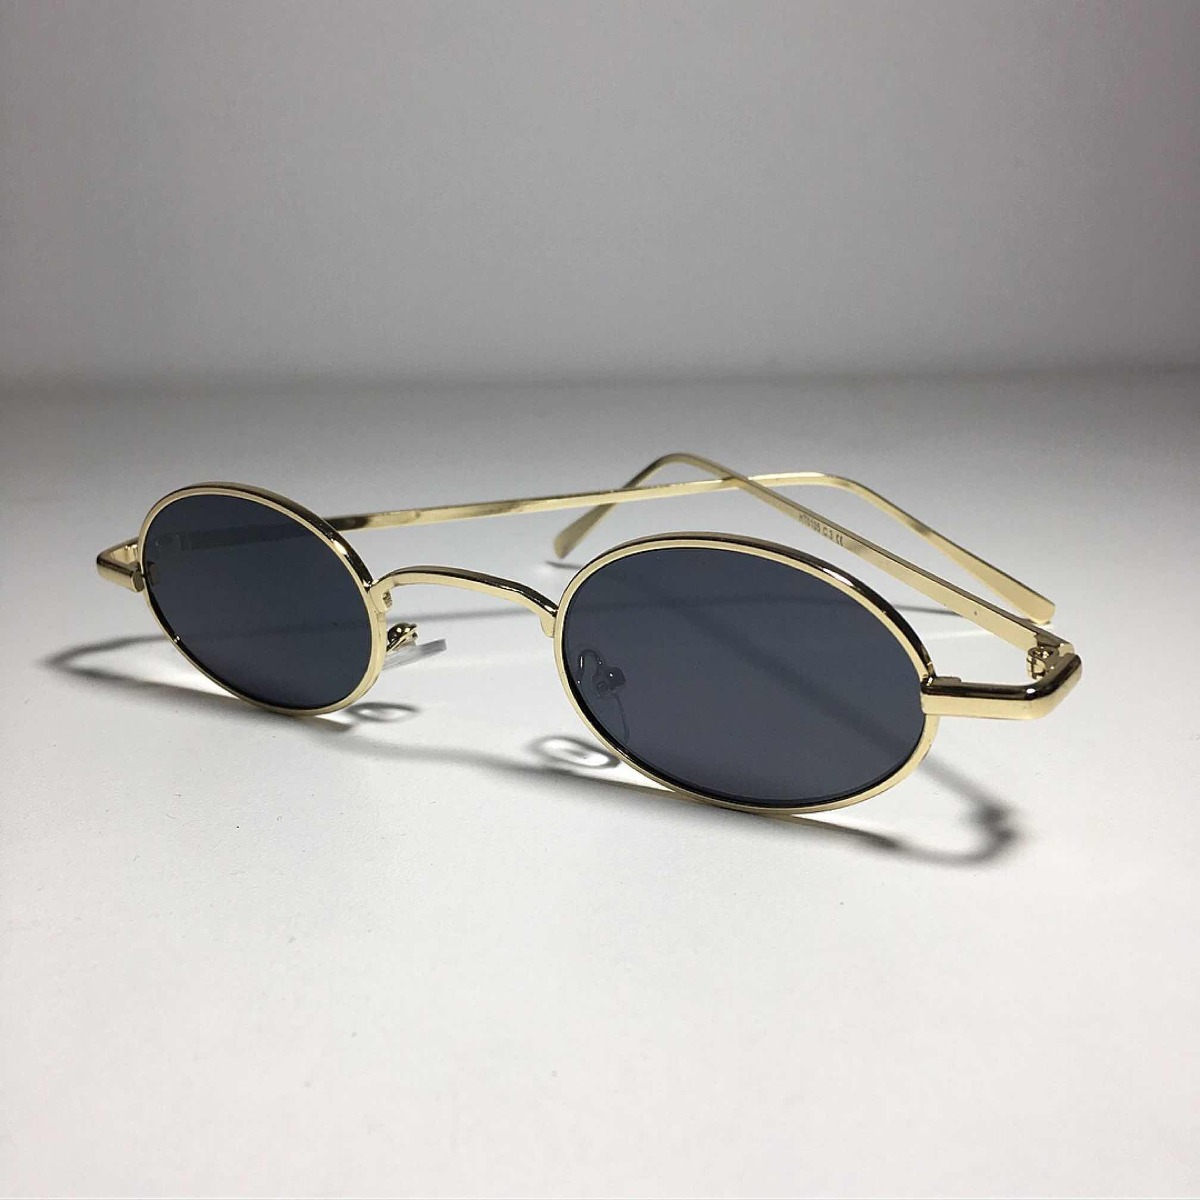 e98dd3659b4e1 Óculos Oval De Sol Preto Dourado Retro Vintage Anos 90 - R  60